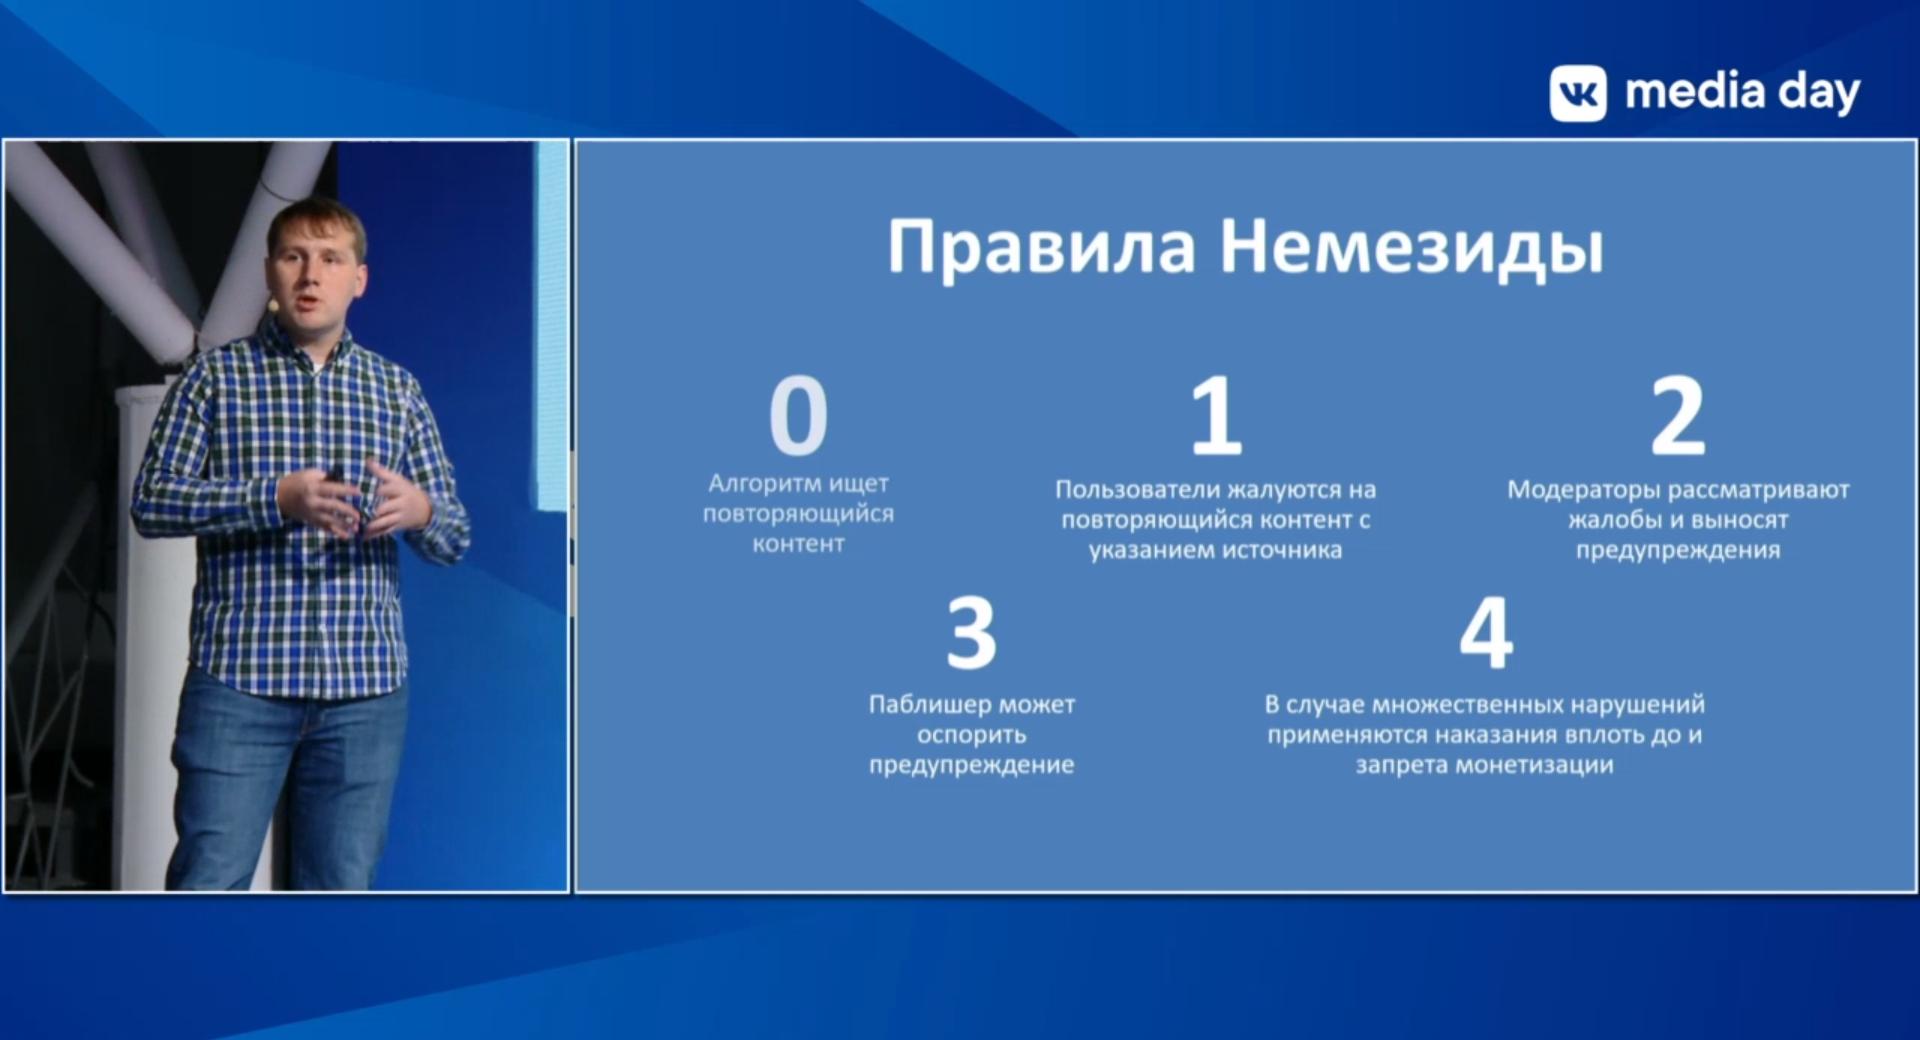 «ВКонтакте» накажет воров контента в соцсети с помощью системы «Немезида»